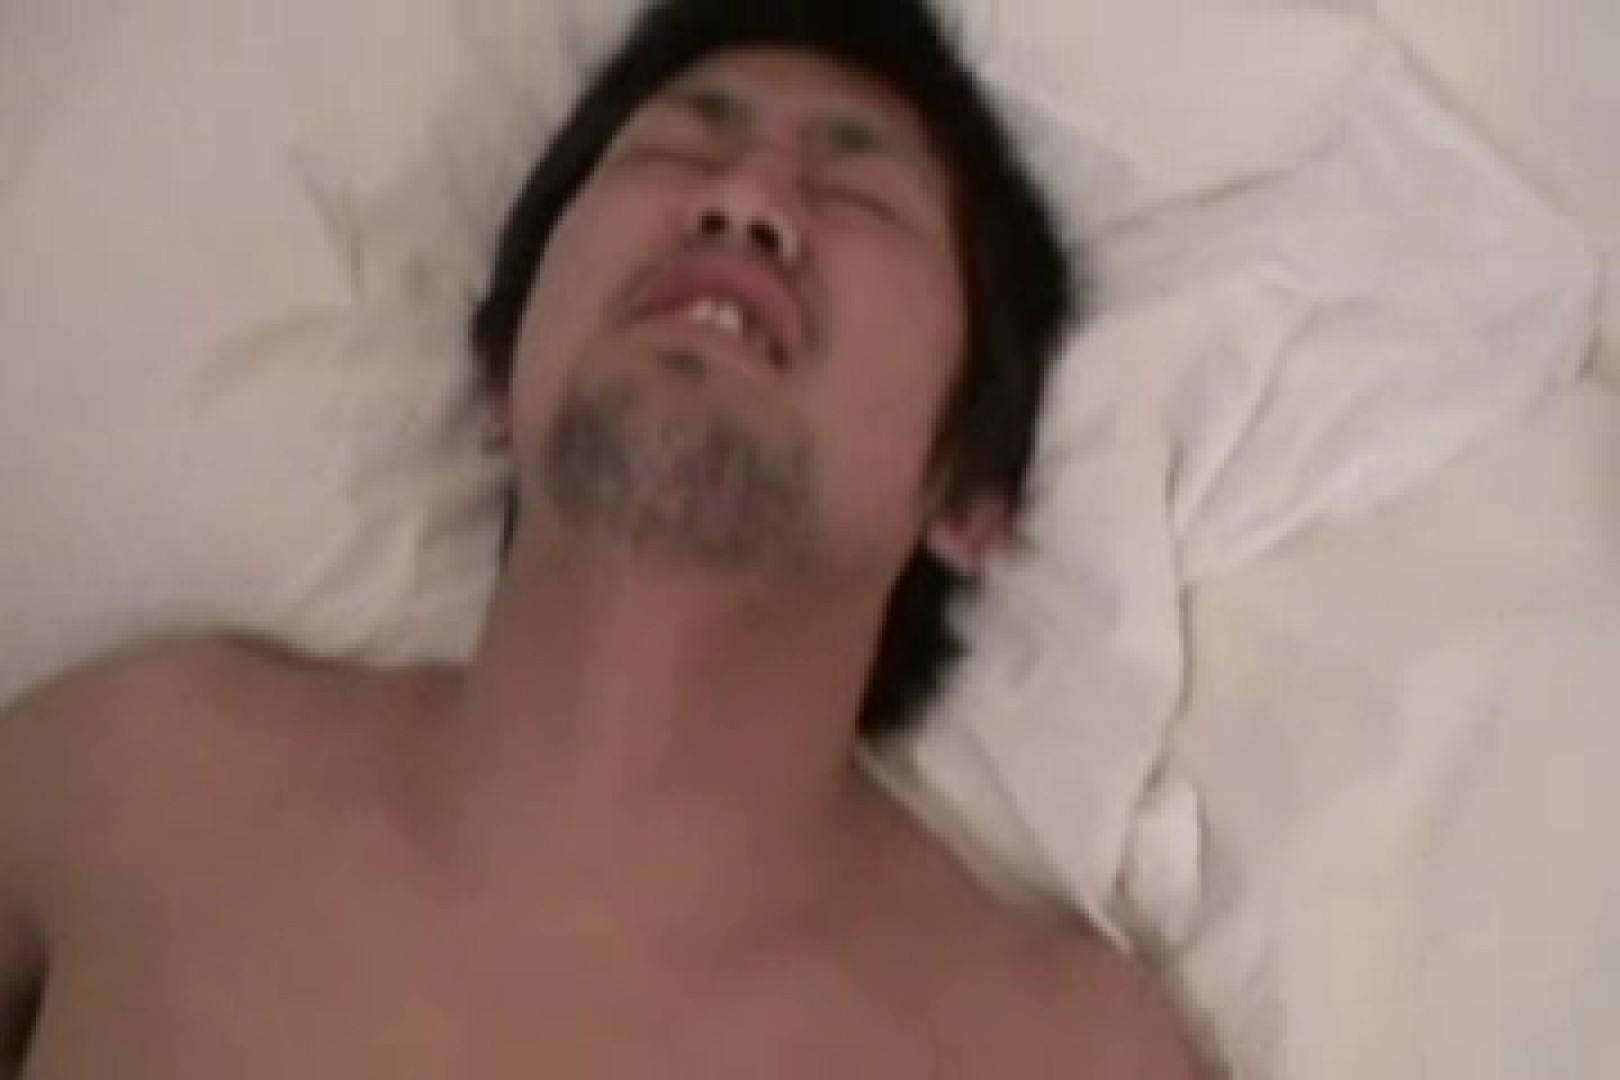 ひげメンたちのディープラブ!!コックリングでアナル三昧 仰天アナル ゲイエロ画像 97pic 45